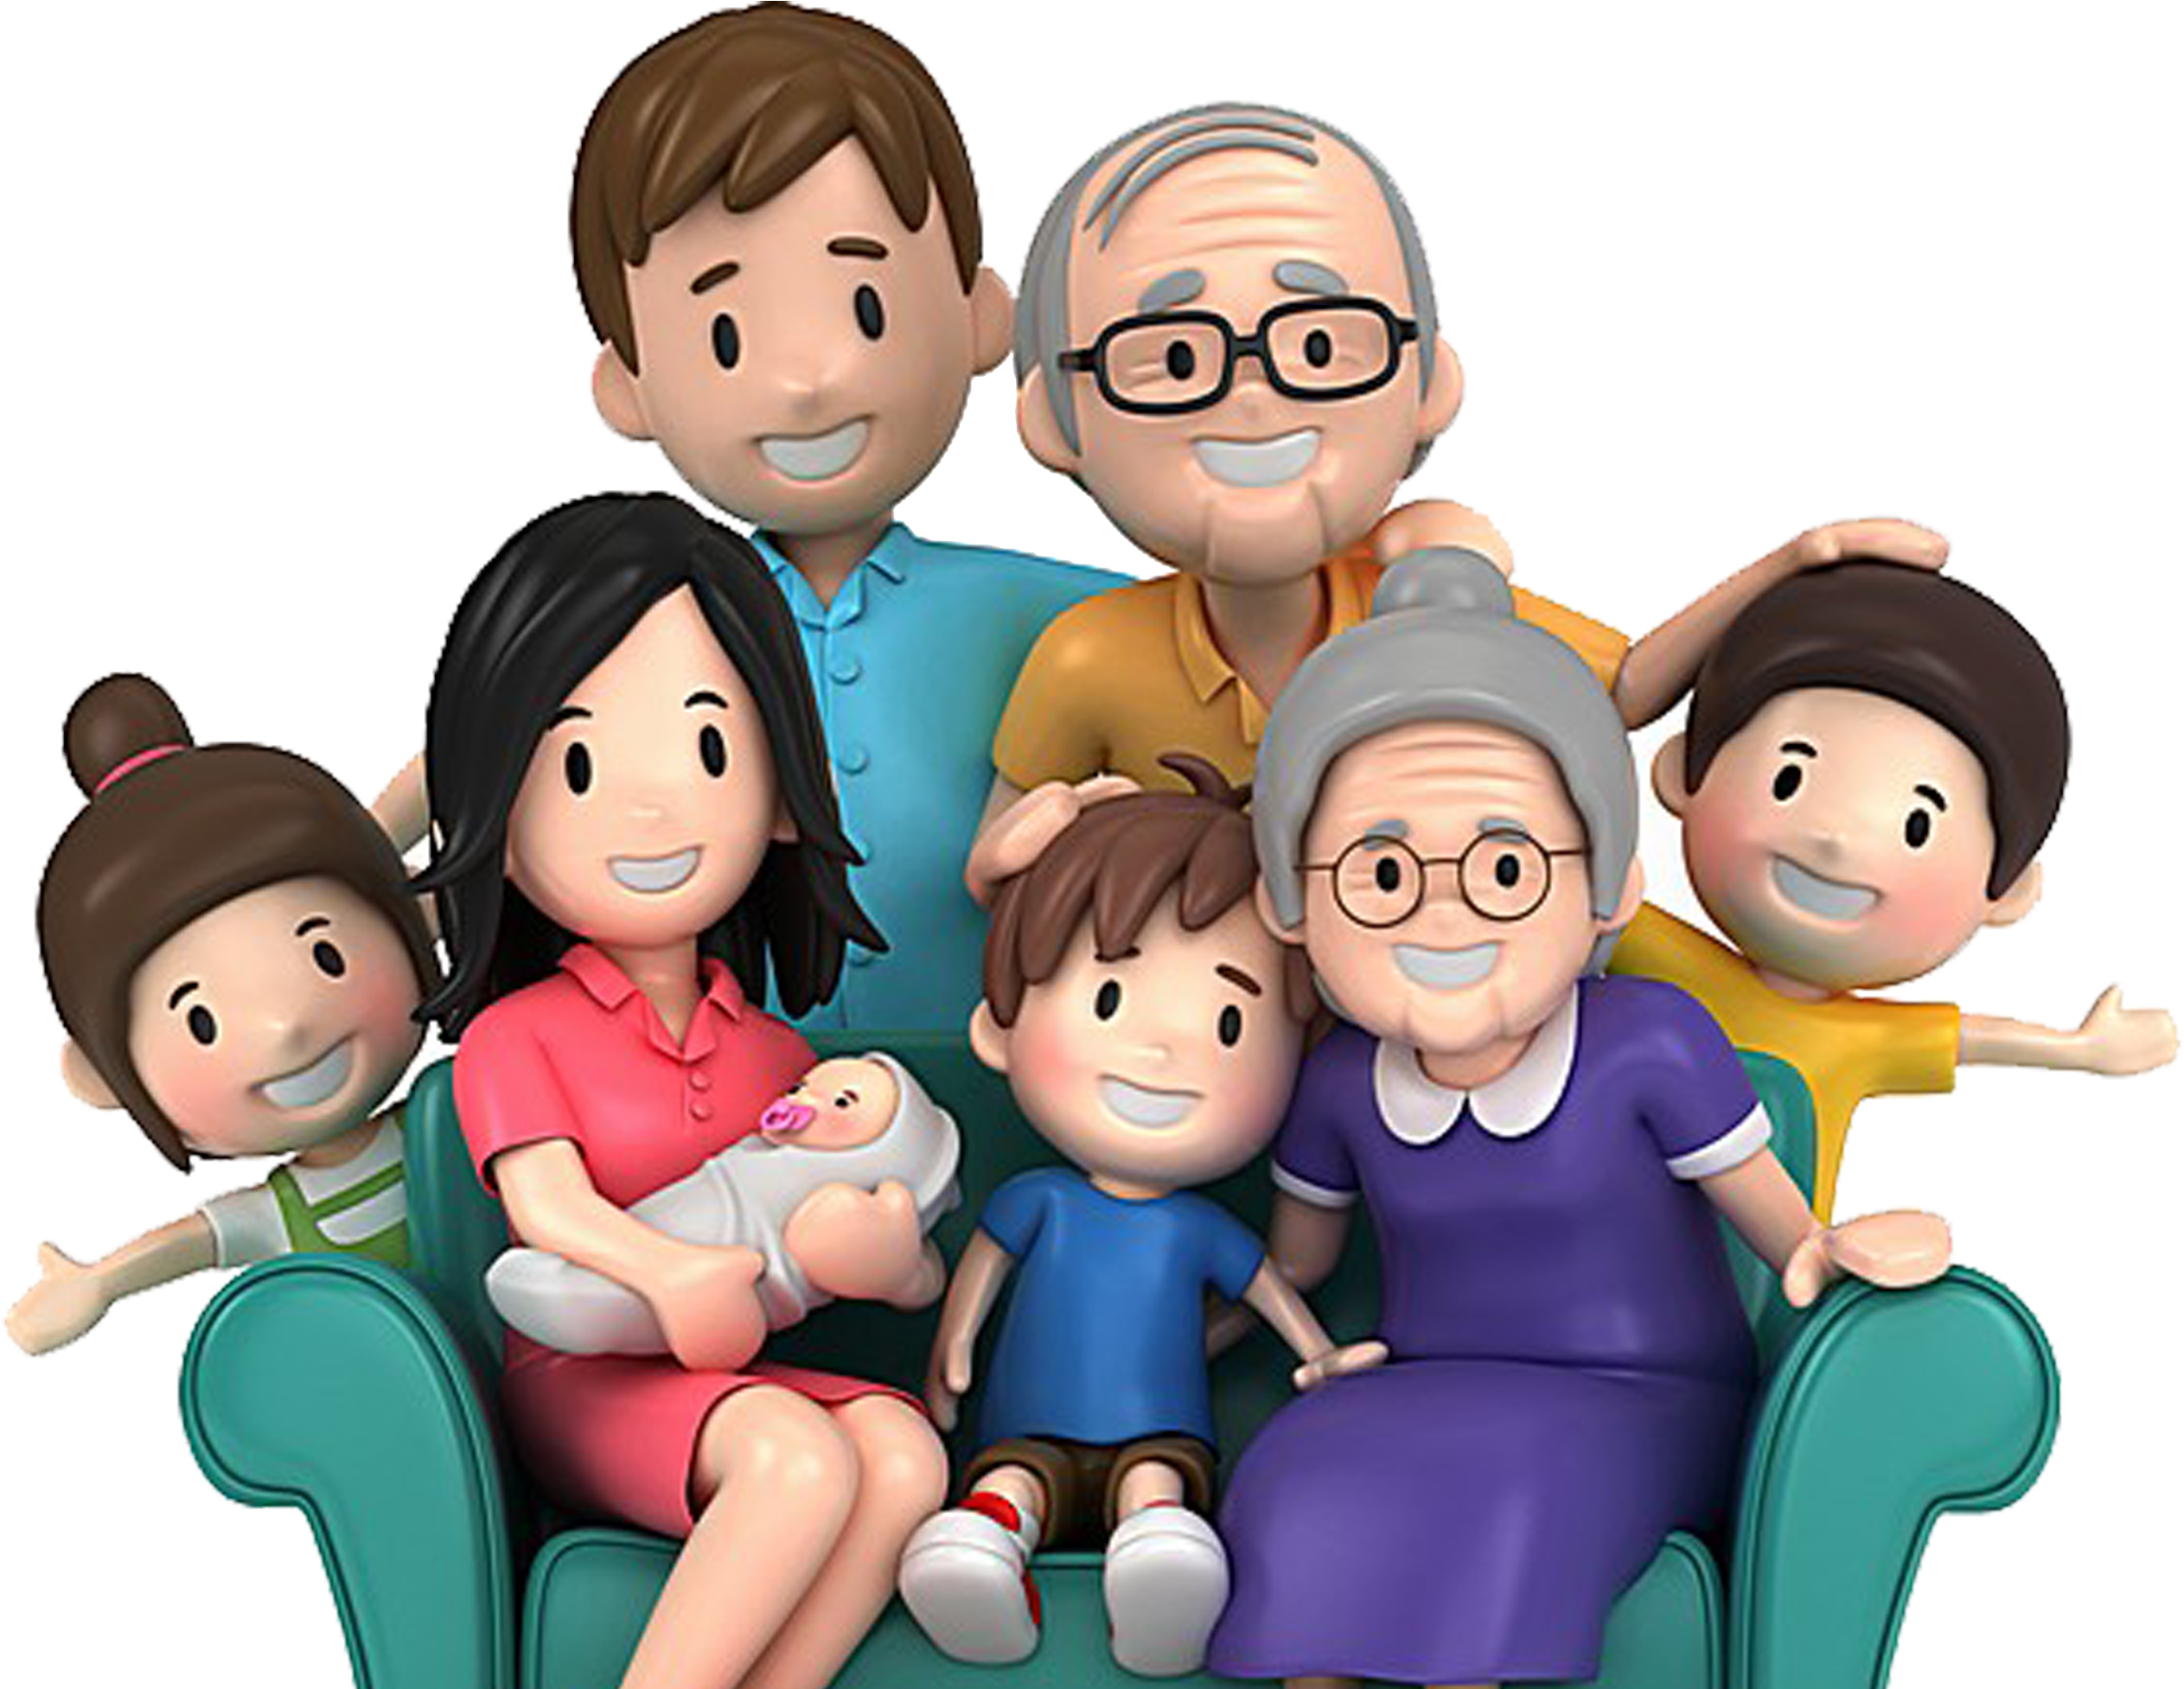 Cartoon Family Pic - Cartoon Family Group Happy Family Clipart - Full Size Clipart (#4074257 ...